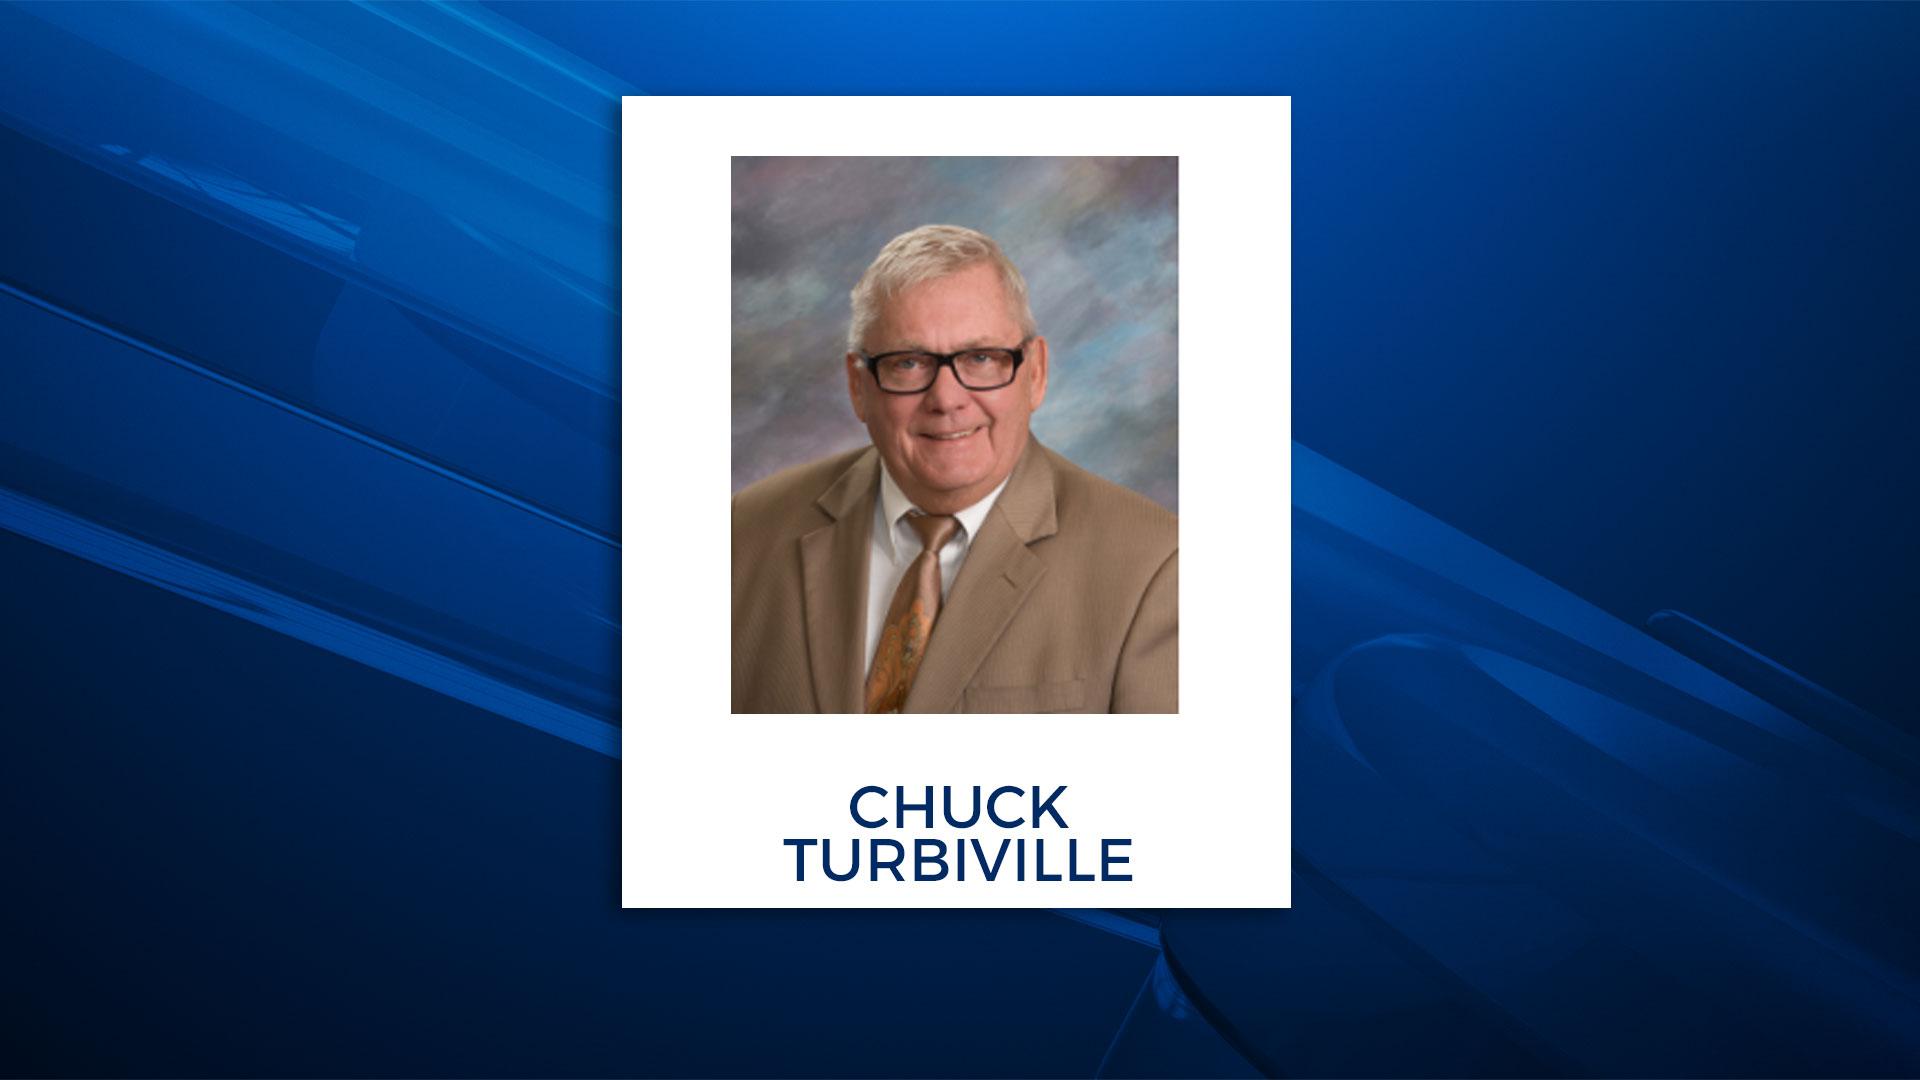 KELO Chuck Turbiville